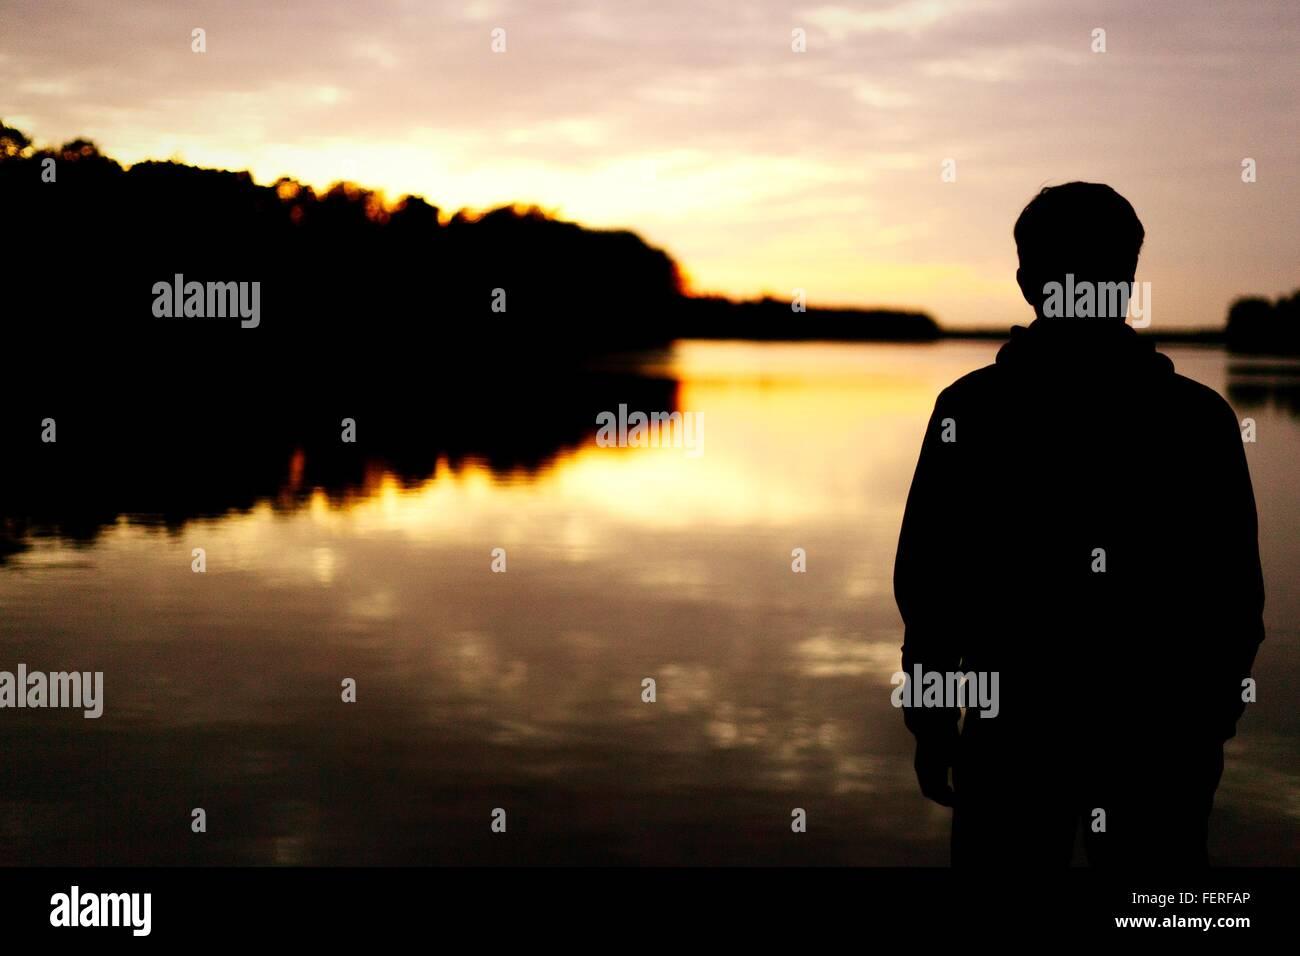 Vista trasera de la Silueta Hombre de pie en frente del lago al atardecer. Foto de stock